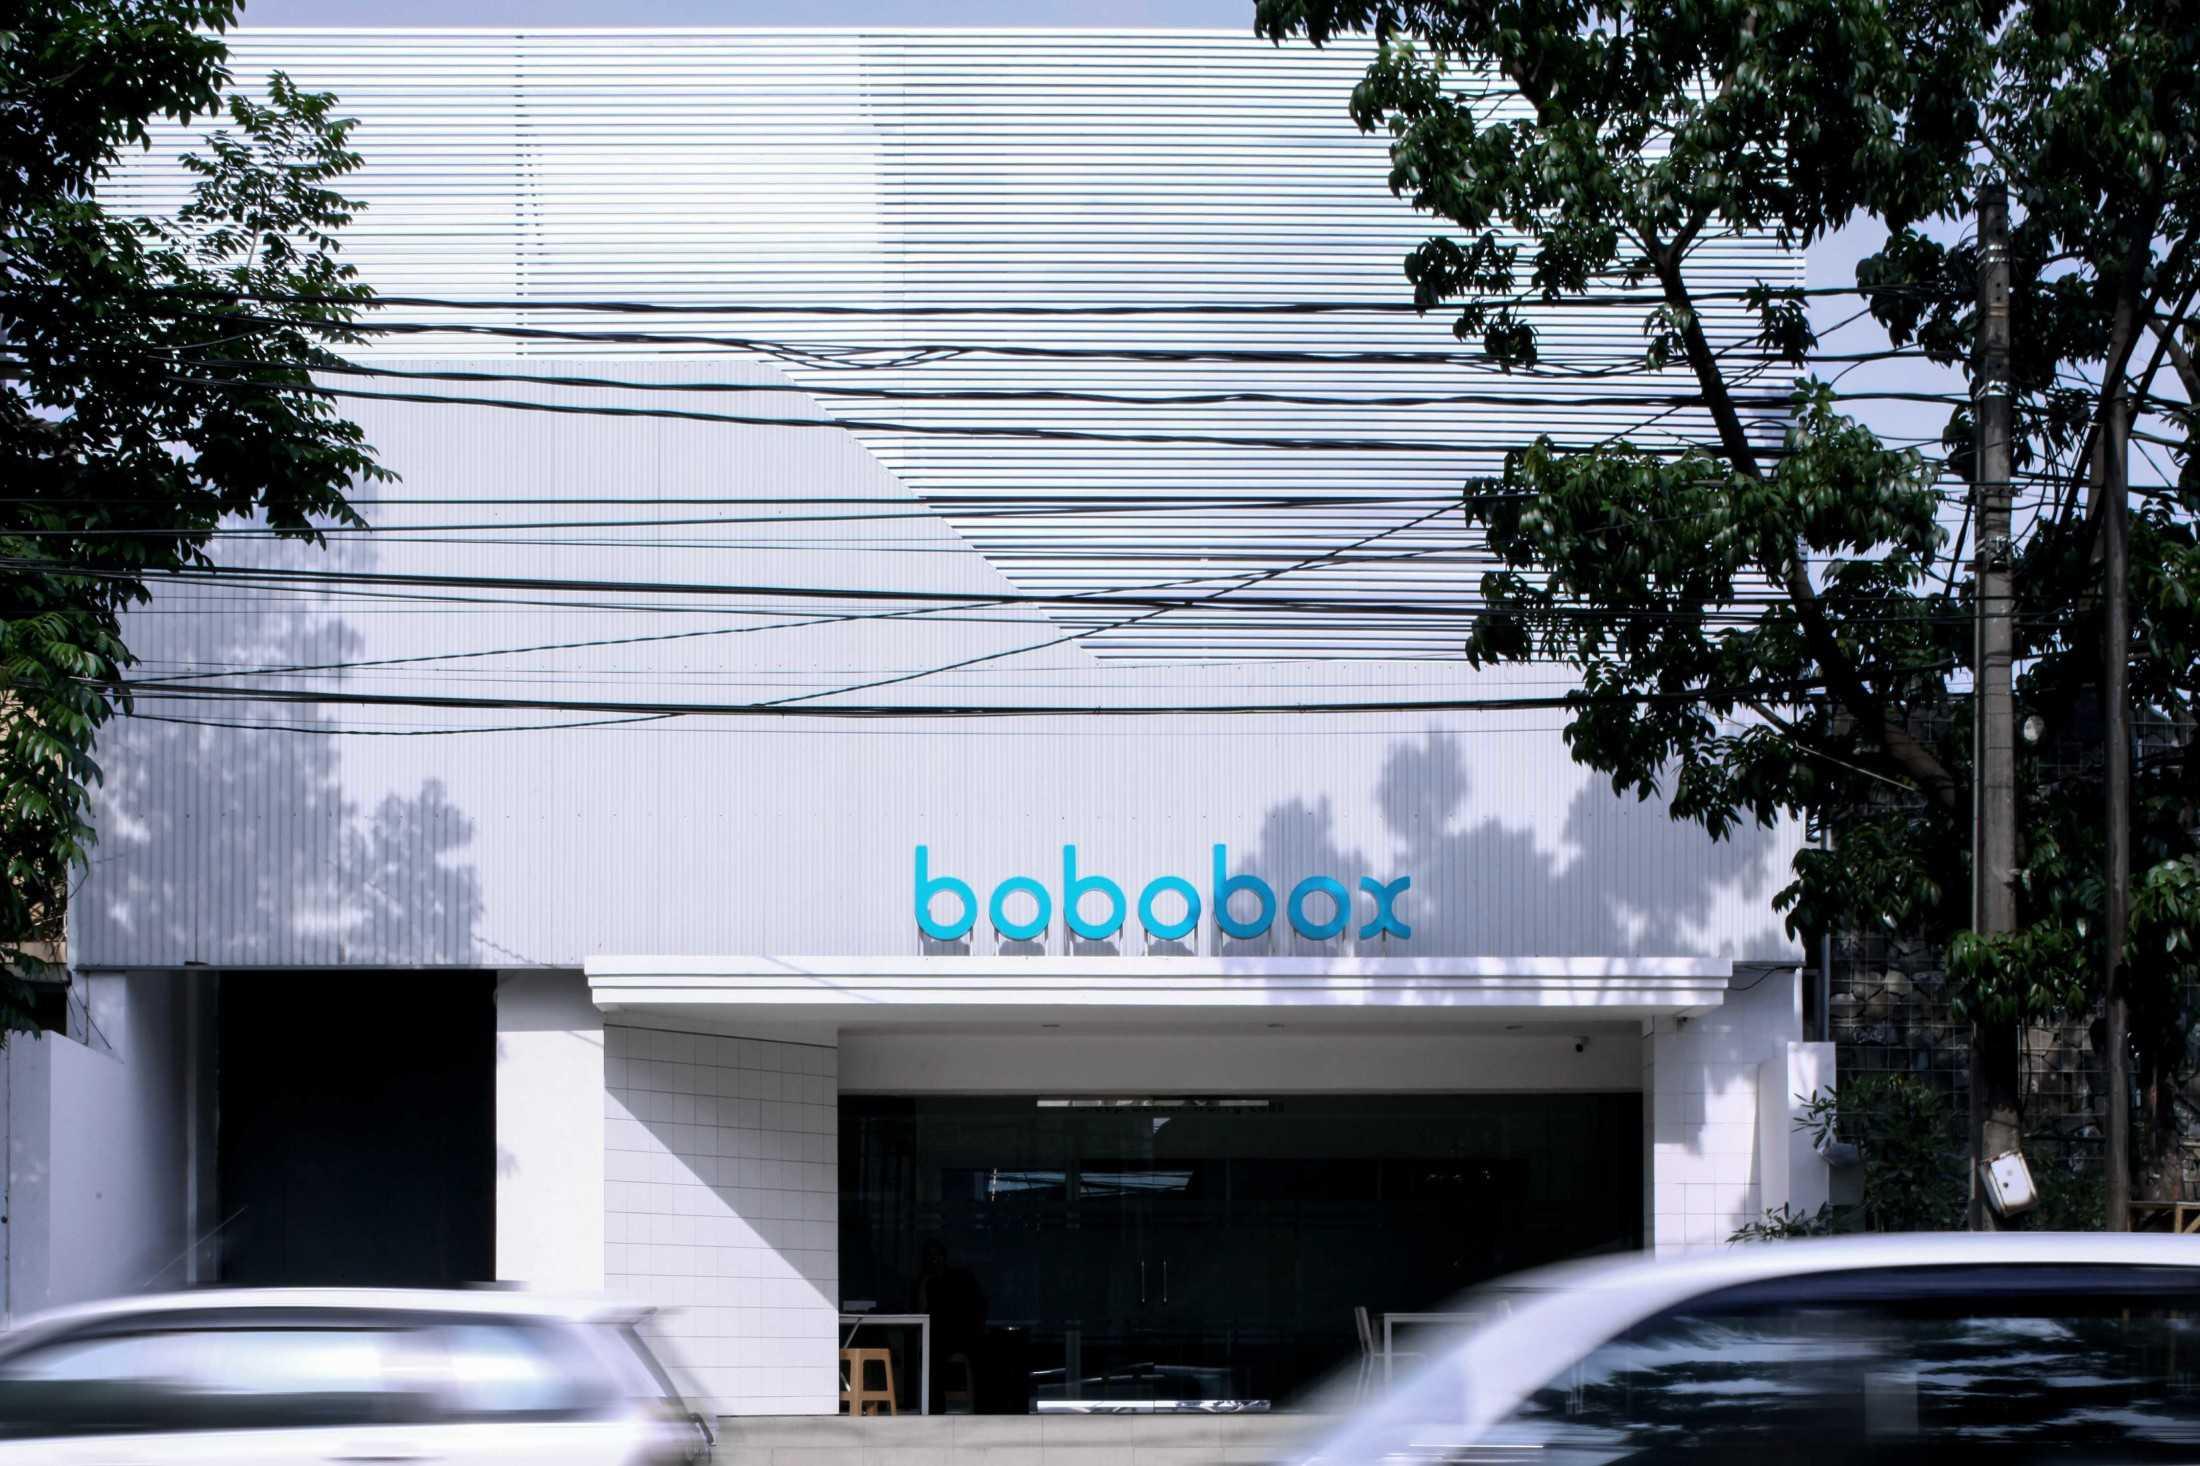 Eksterior Bobobox, simpel dengan warna serba putih, mencerminkan kebersihan di dalamnya (Sumber: arsitag.com)